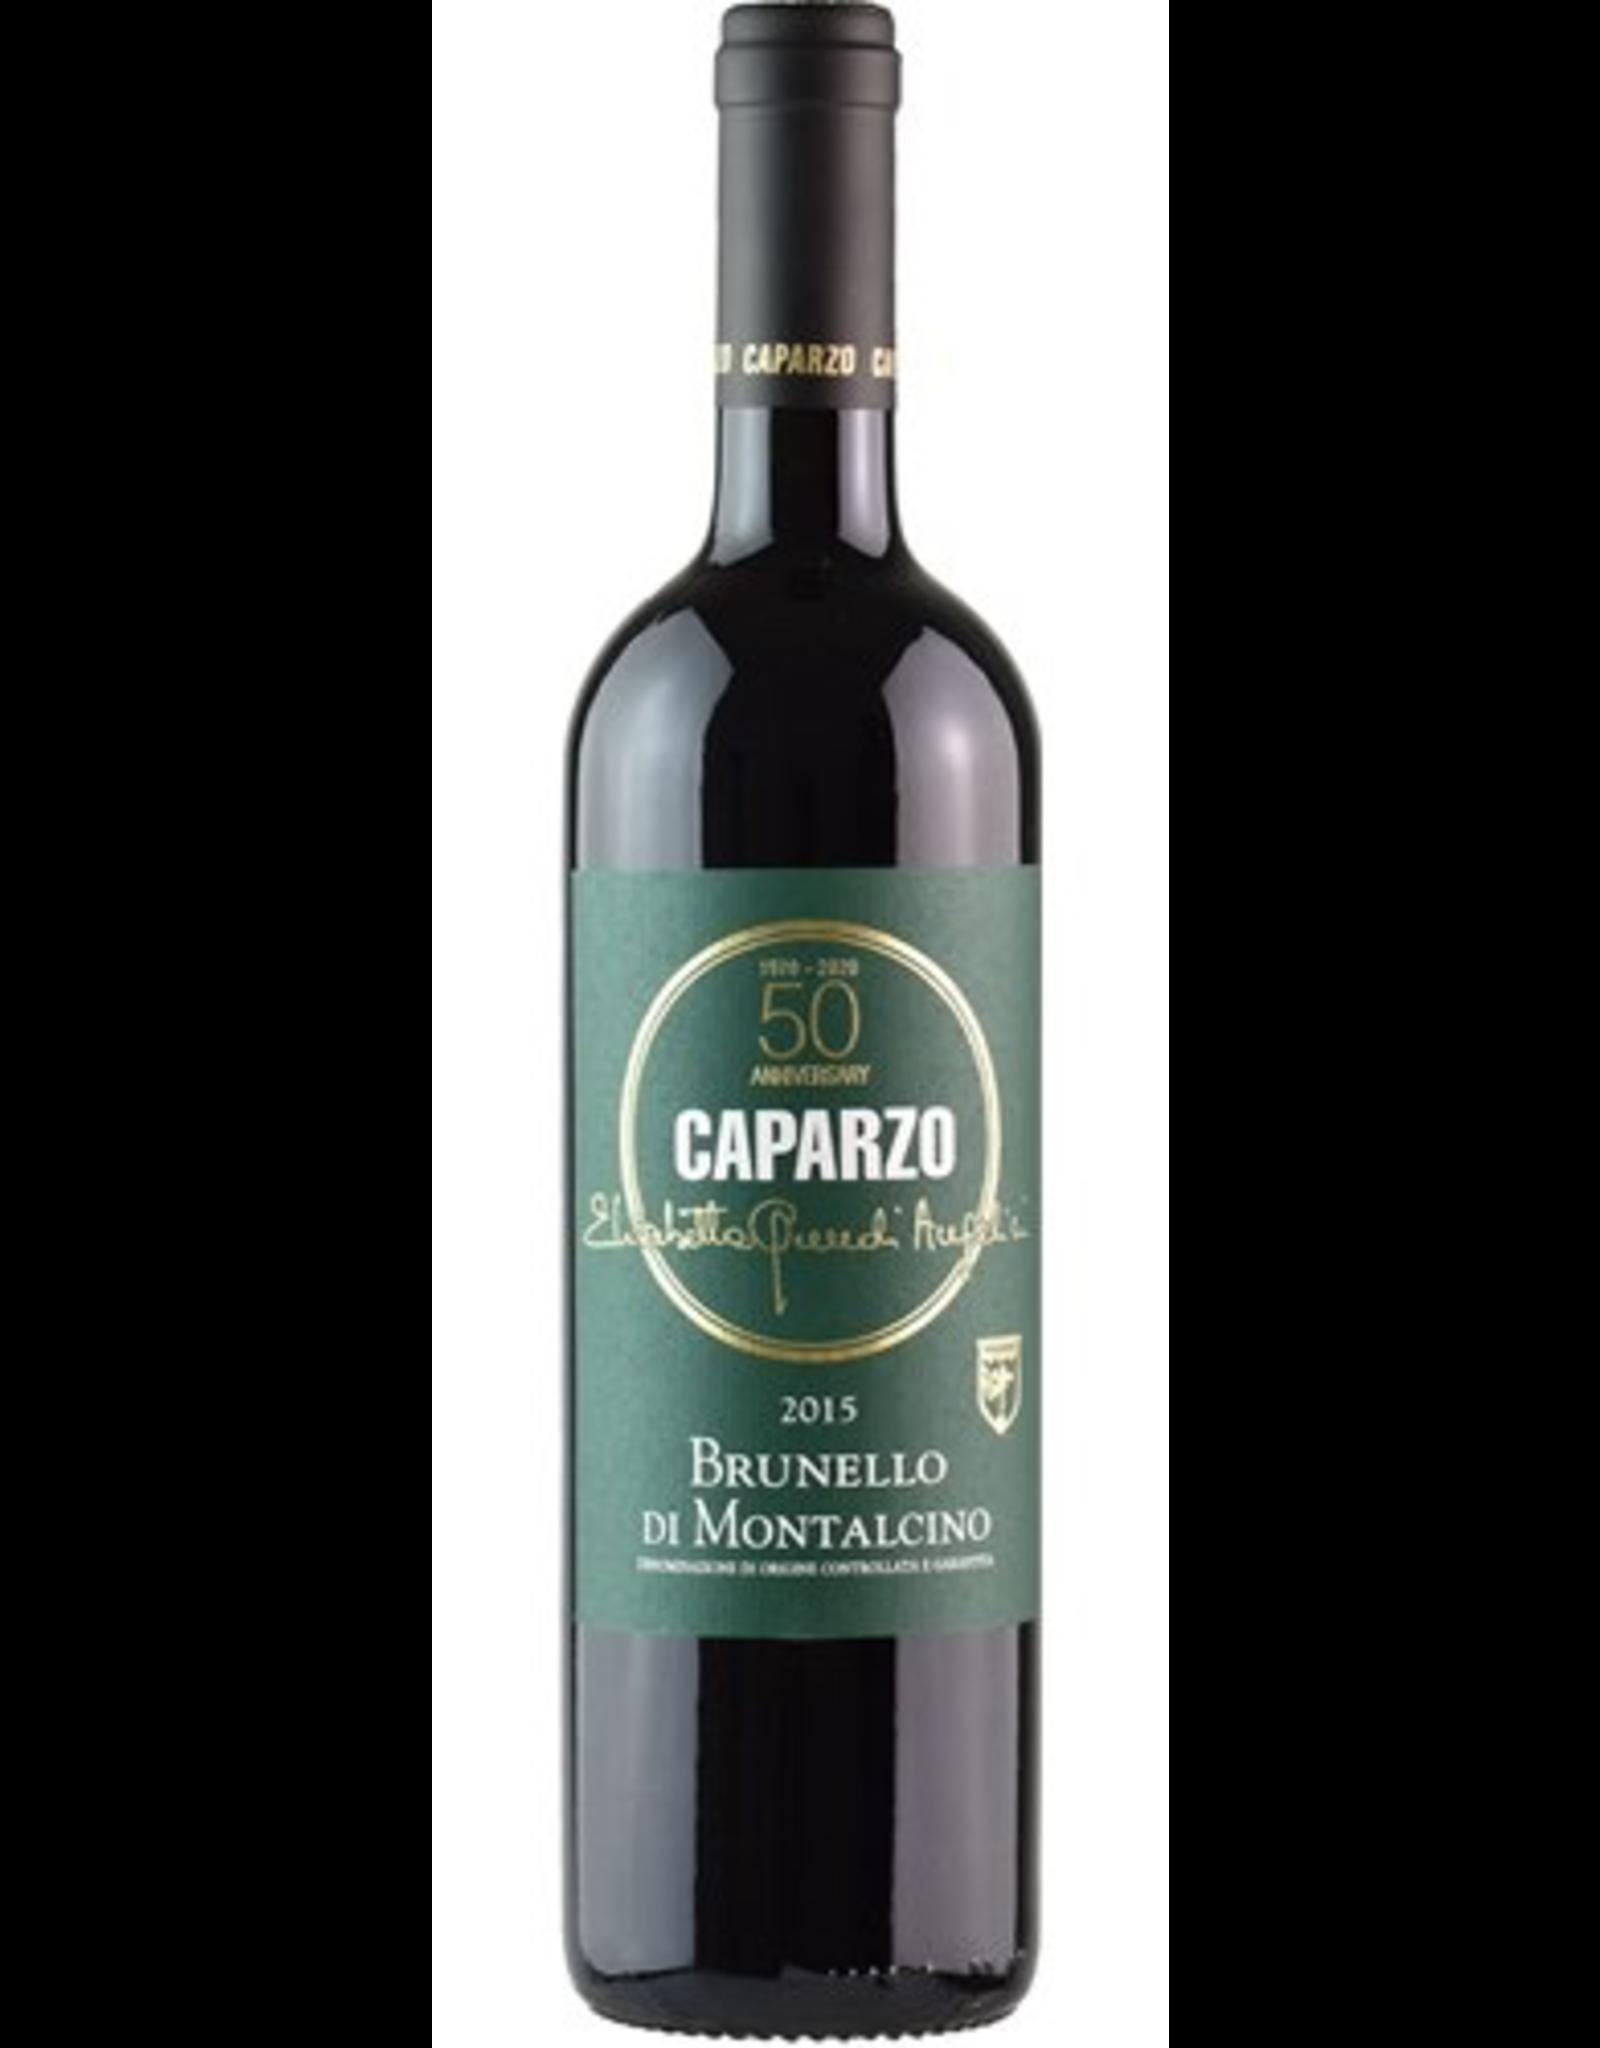 Red Wine 2015, Caparzo Brunello di Montalcino, Sangiovese, Montalcino, Tuscany, Italy, 13% Alc, CTnr JS95